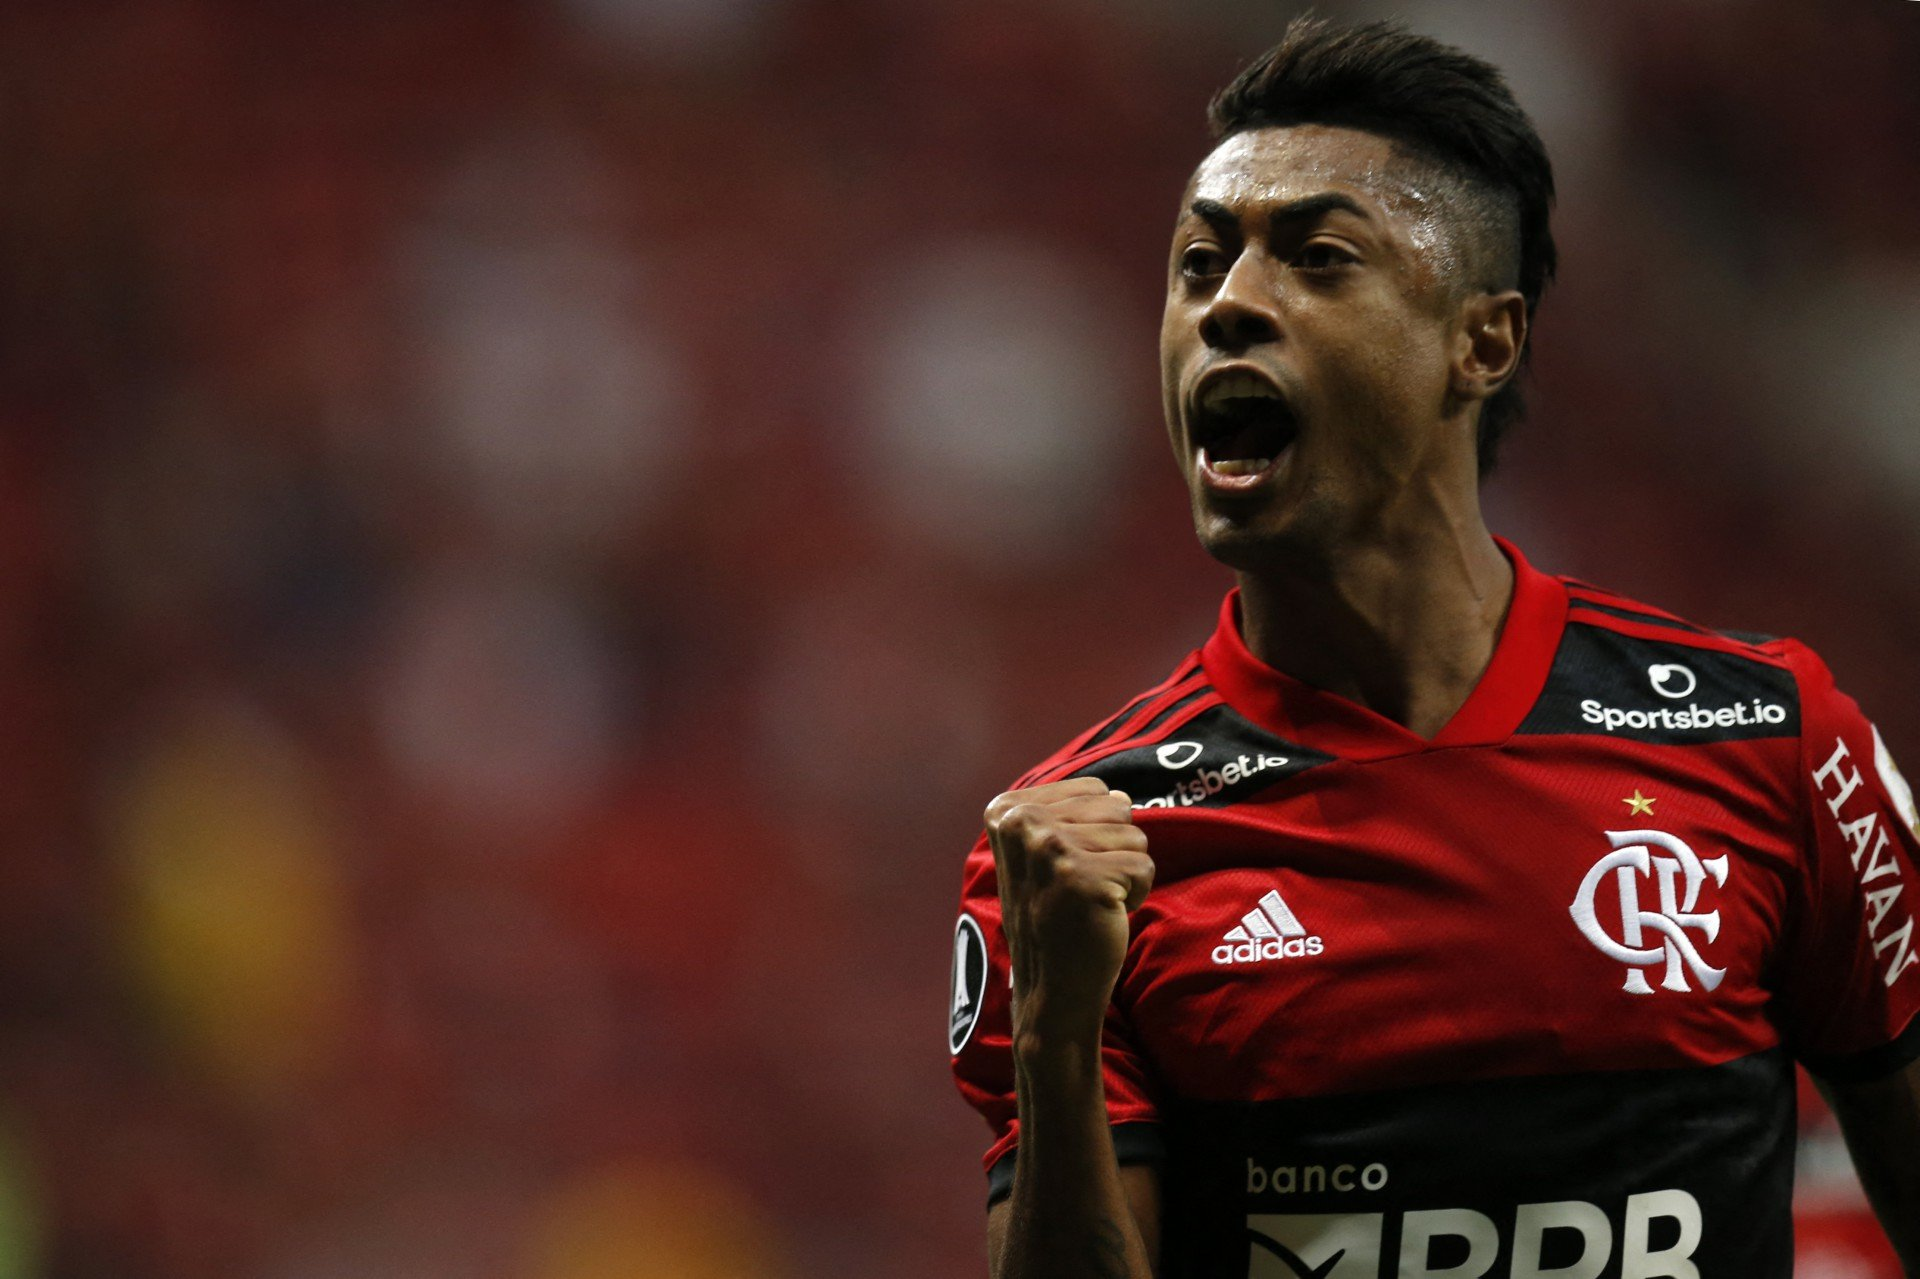 Bruno Henrique treina em campo no Ninho do Urubu, mas ainda é dúvida contra o Palmeiras